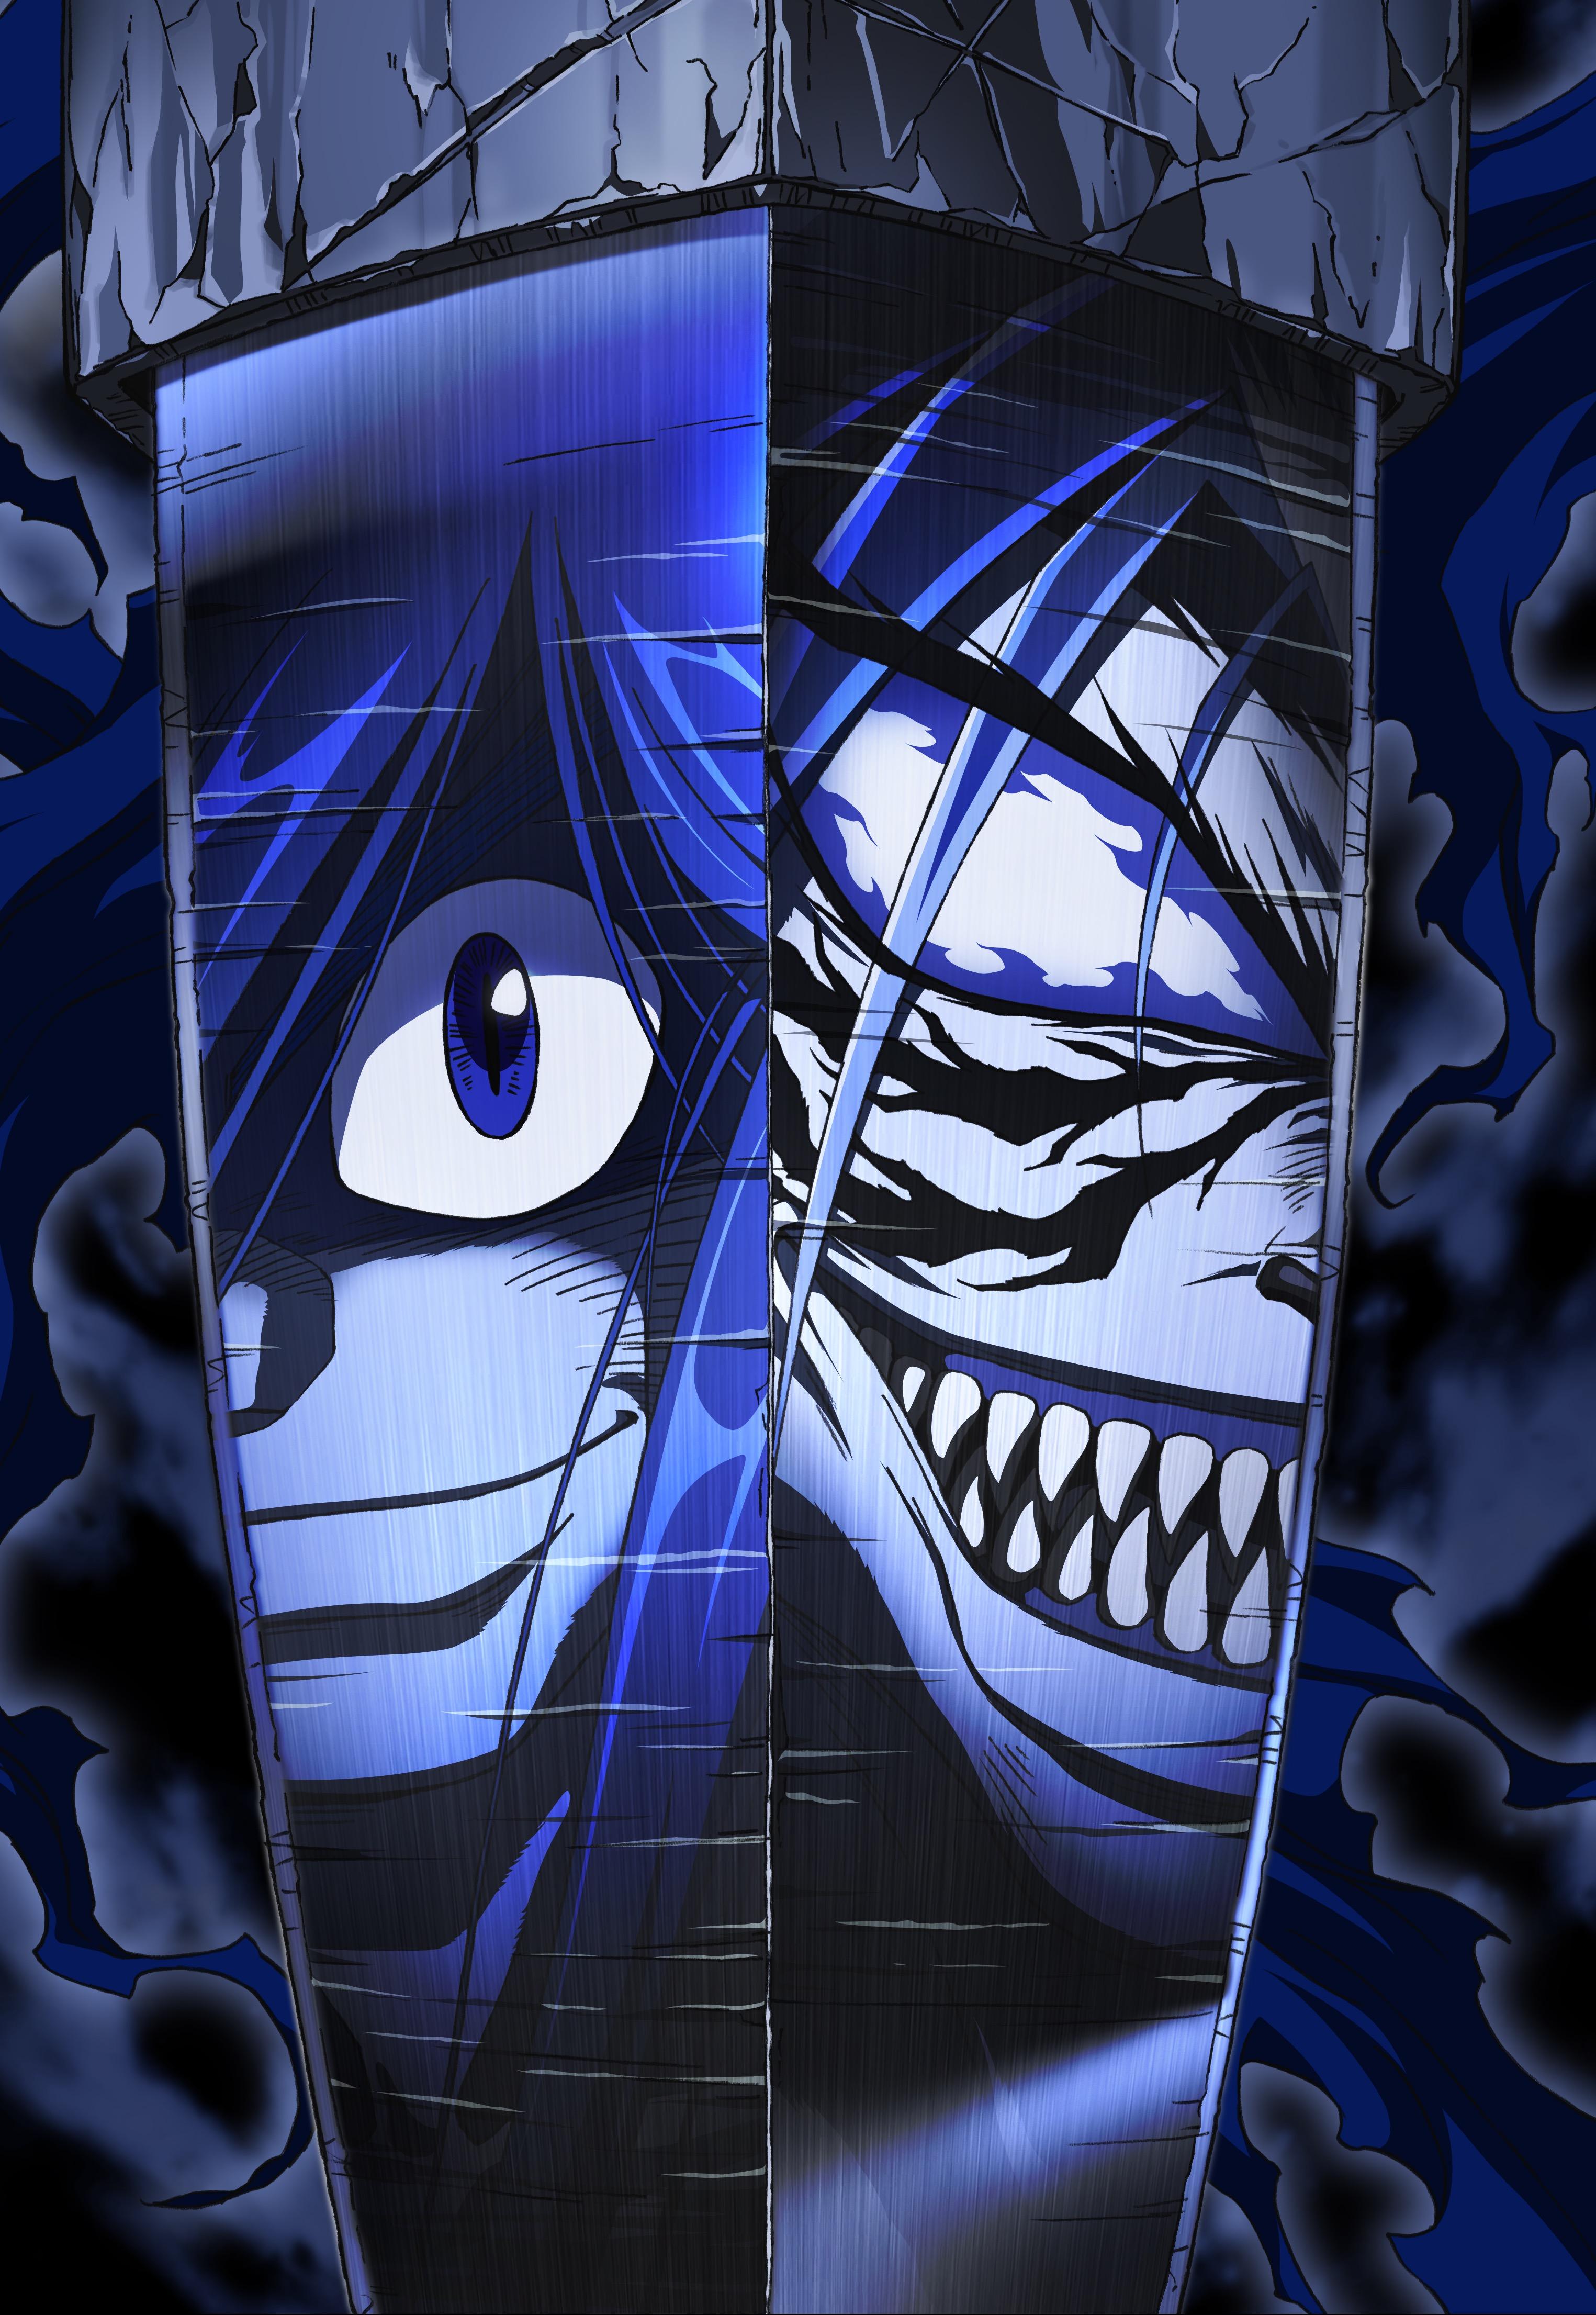 Ushio to Tora anime visual haruhichan.com Ushio to Tora  anime announced